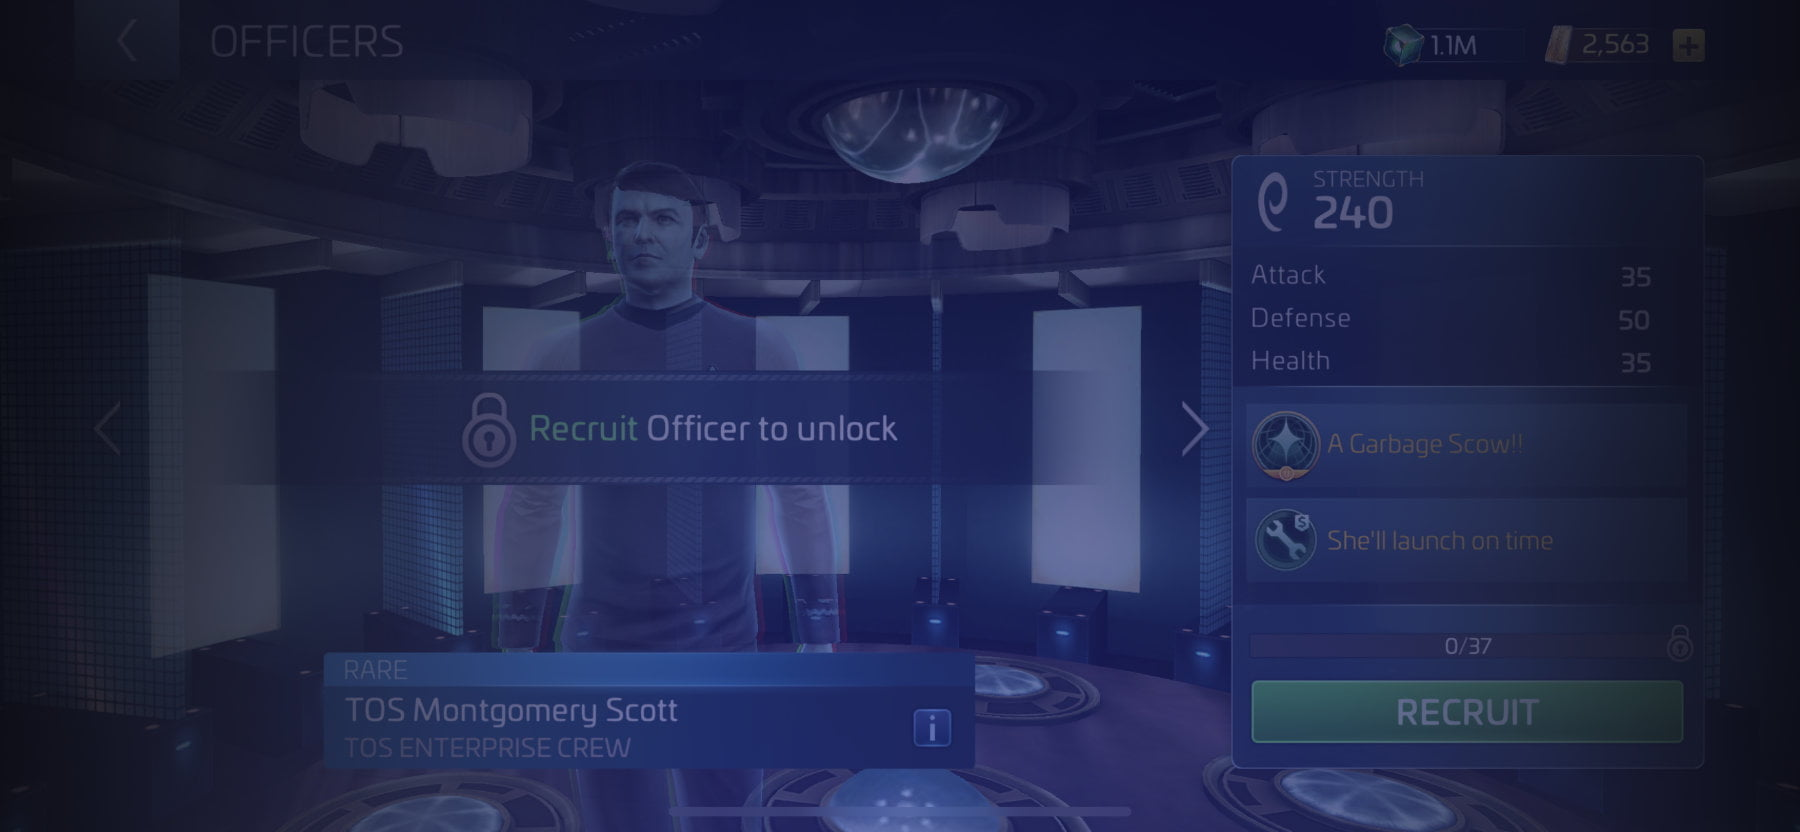 Officer TOS Montgomery Scott